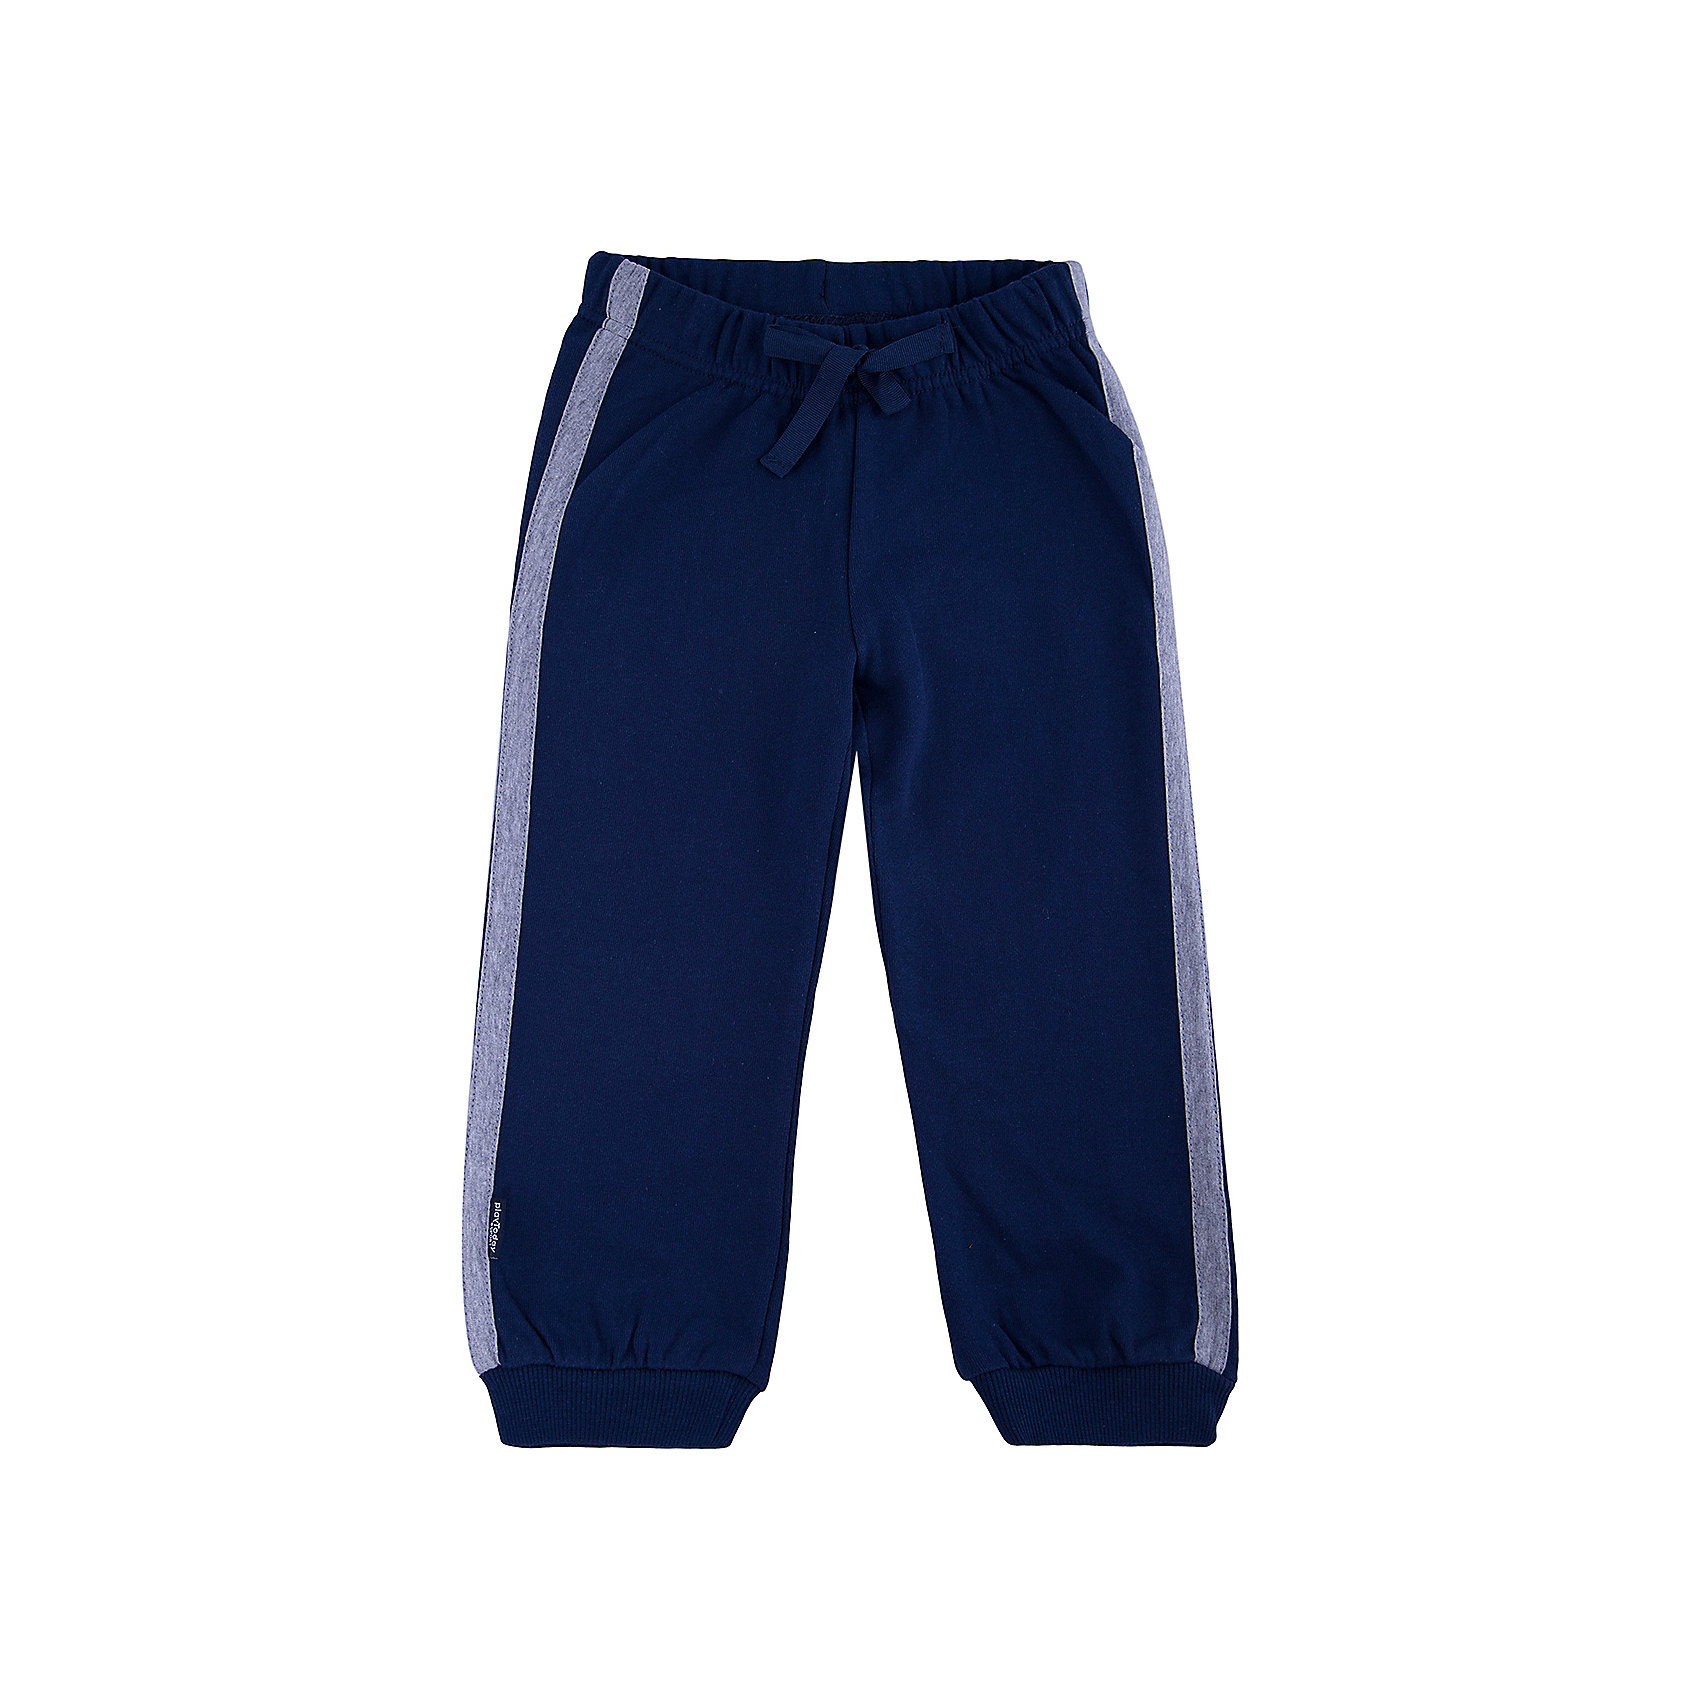 Брюки для мальчика PlayTodayБрюки для мальчика от известного бренда PlayToday.<br>Стильные брюки из футера в спортивном стиле. Пояс на резинке, дополнительно регулируется тесьмой. По бокам лампасы цвета серый меланж. Низ штанишек на широкой трикотажной резинке.<br>Состав:<br>80% хлопок, 20% полиэстер<br><br>Ширина мм: 215<br>Глубина мм: 88<br>Высота мм: 191<br>Вес г: 336<br>Цвет: разноцветный<br>Возраст от месяцев: 36<br>Возраст до месяцев: 48<br>Пол: Мужской<br>Возраст: Детский<br>Размер: 122,98,104,116,110,140,134,128<br>SKU: 4897854